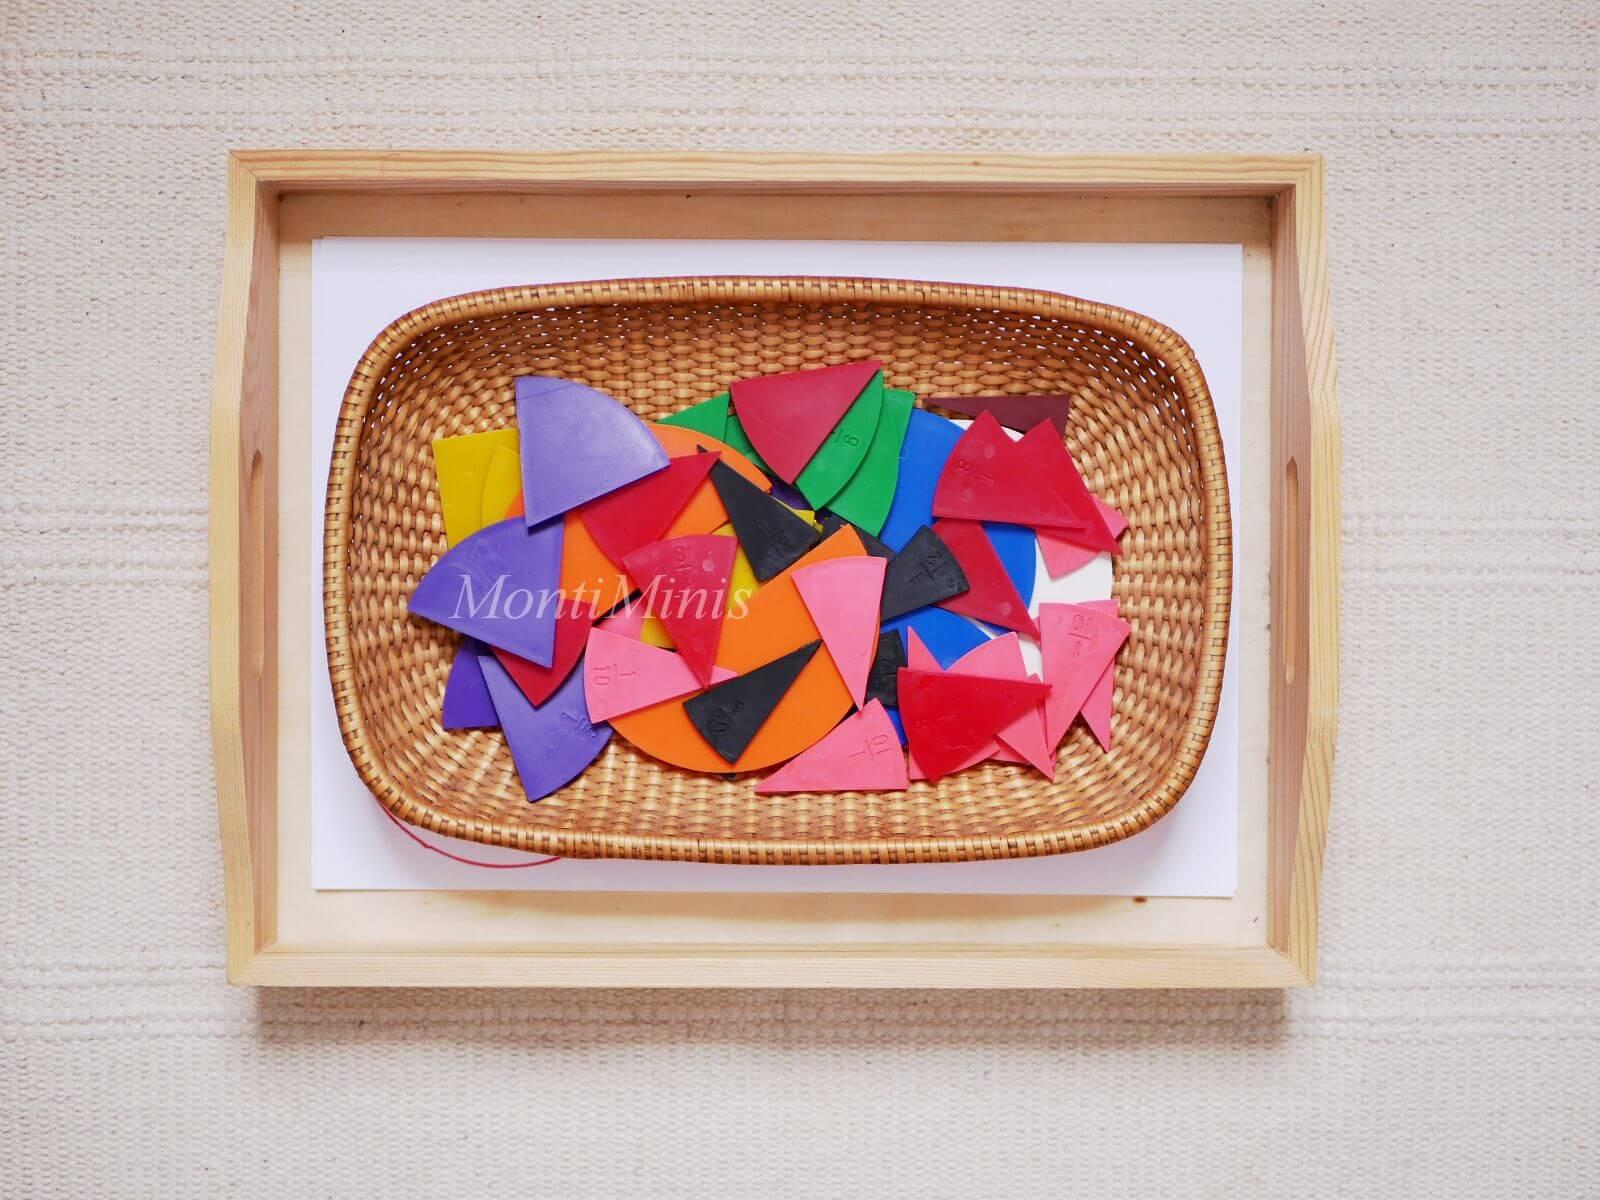 Mathematik-Aktionstablett: Bruchrechenkreise-Mathe-Spielideen-Spielerisch lernen, Montessori Zuhause, Unterrichtsmaterial, Kindergarten, Vorschule & Grundschule-montiminis.com